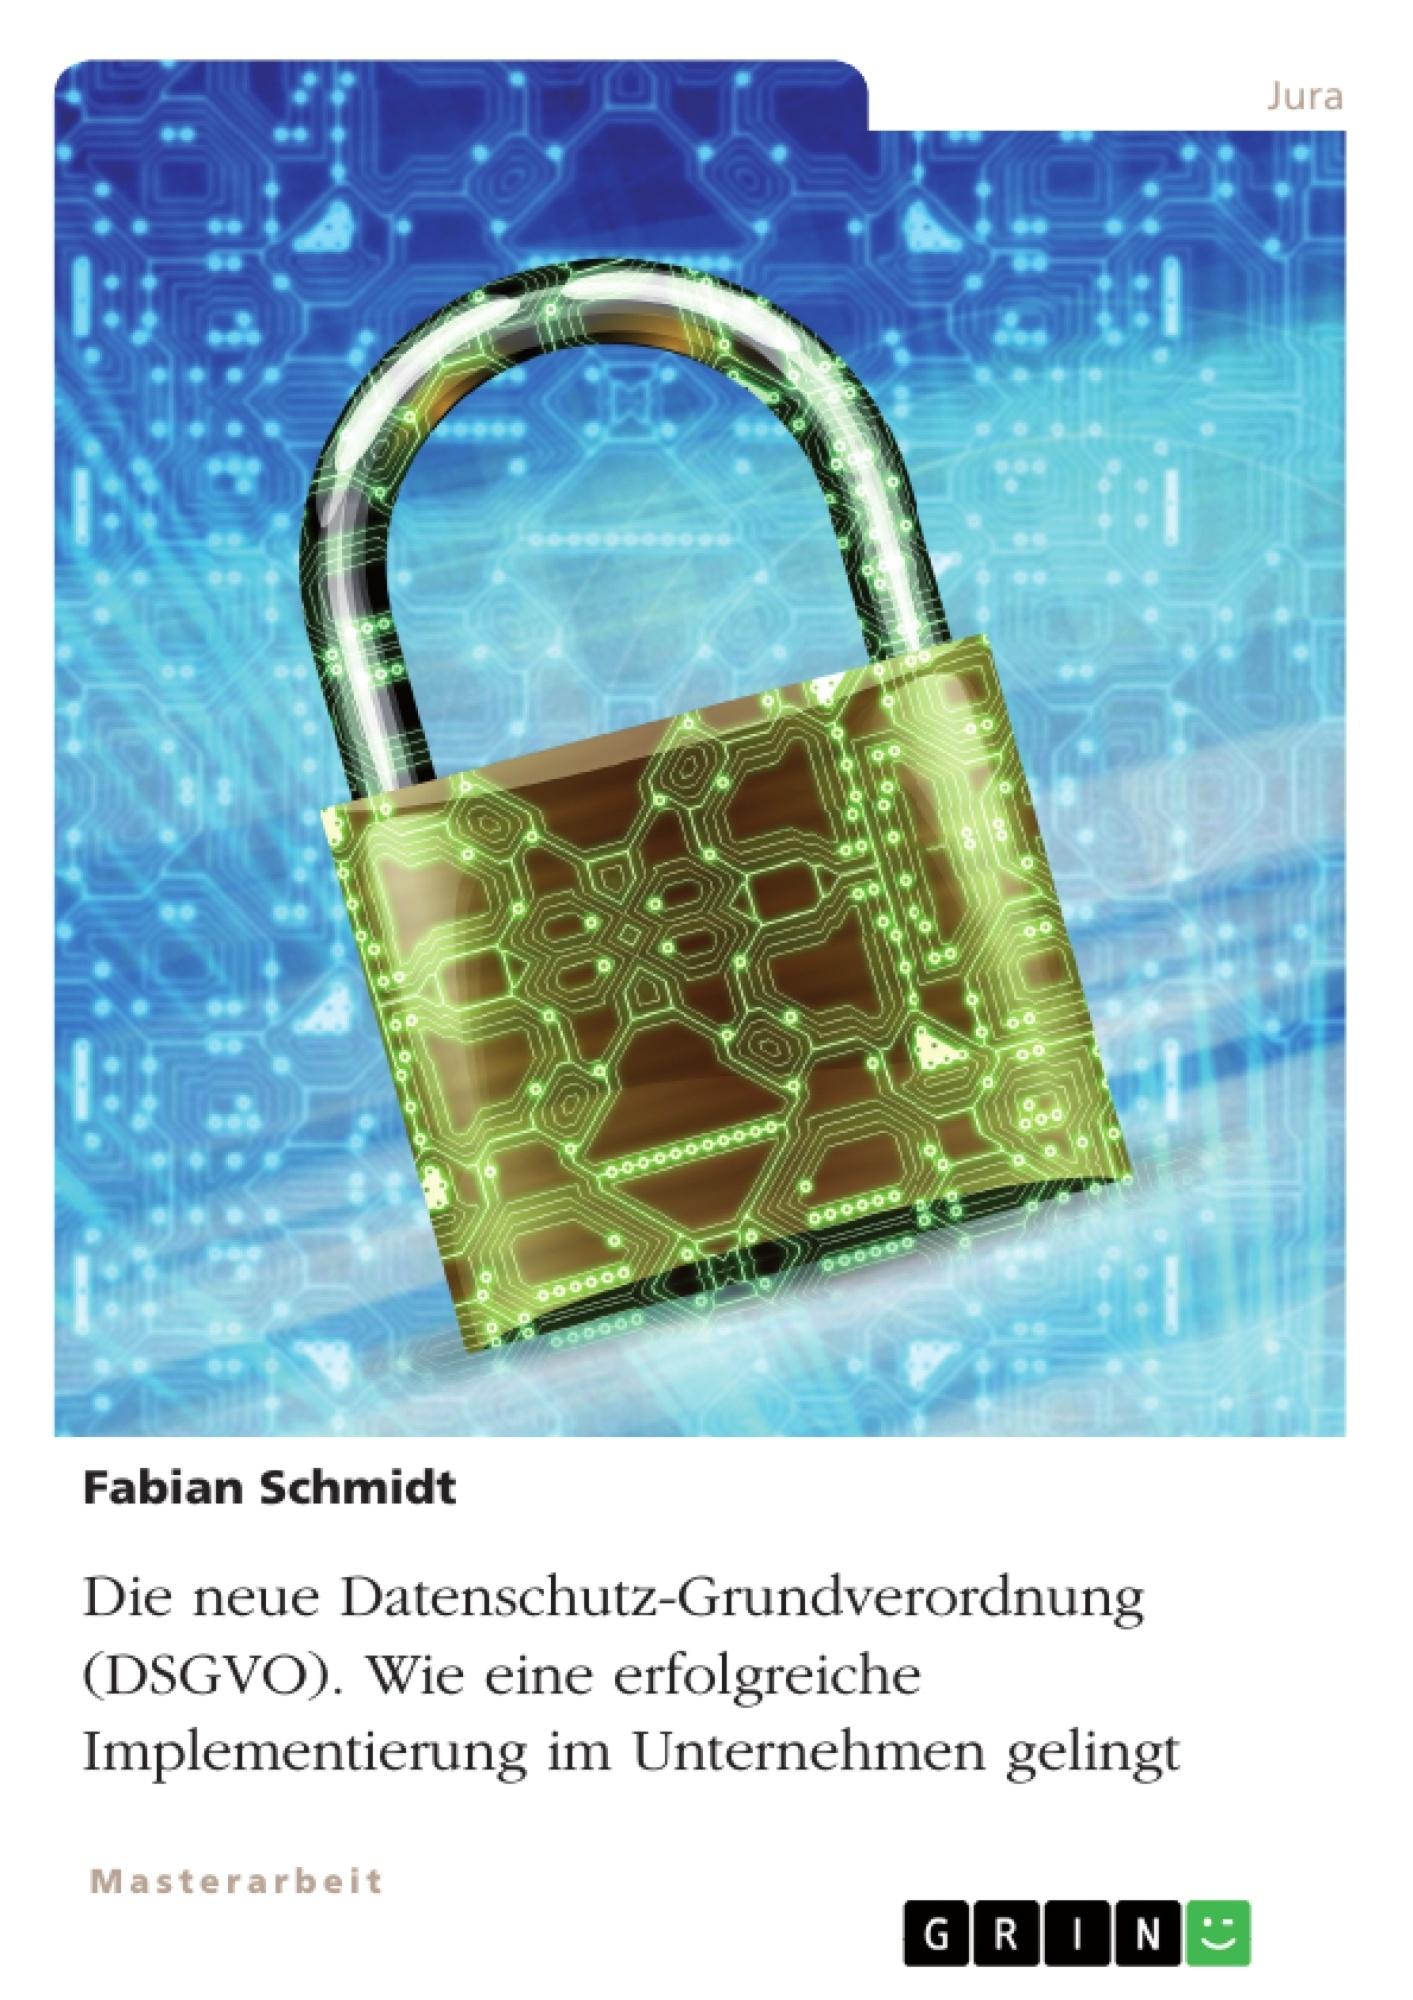 Titel: Die neue Datenschutz-Grundverordnung (DSGVO). Wie eine erfolgreiche Implementierung im Unternehmen gelingt